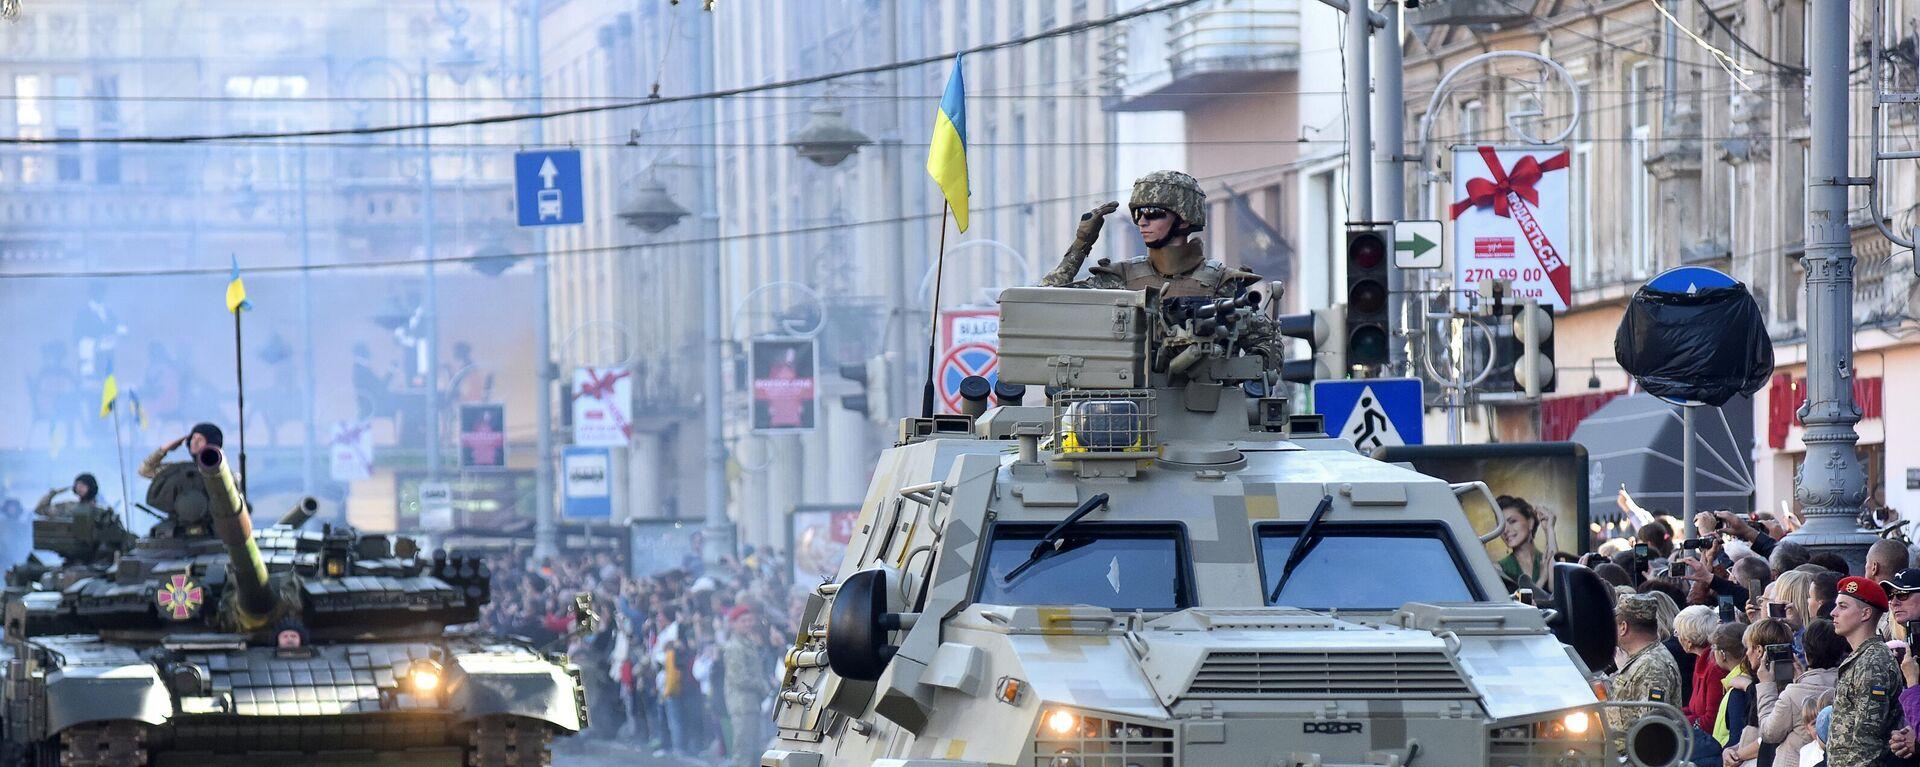 Бронеавтомобиль Дозор на военном параде на Украине - Sputnik Таджикистан, 1920, 13.04.2021